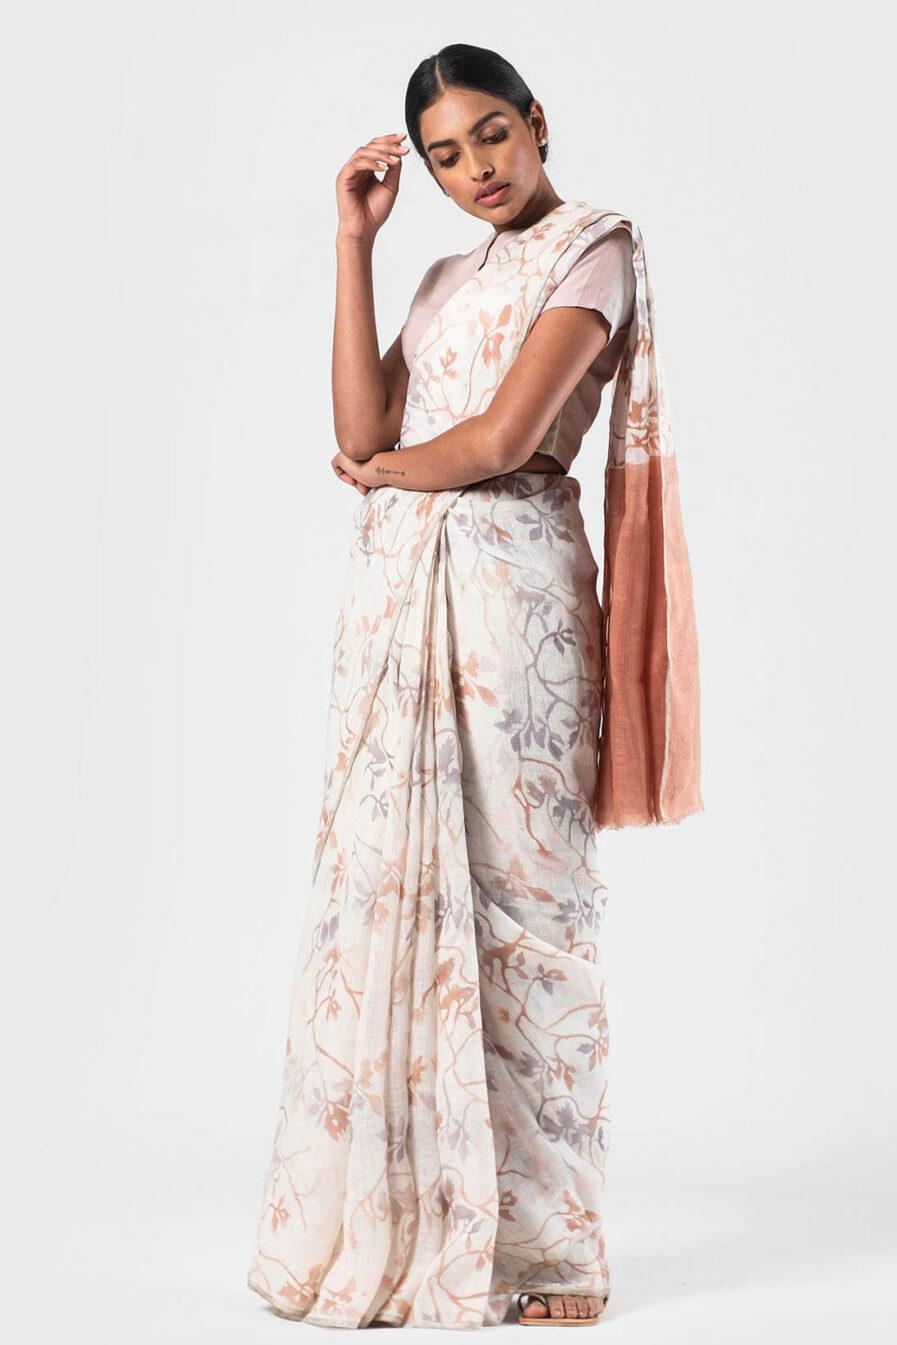 Anavila Natural All over floral batik linen sari